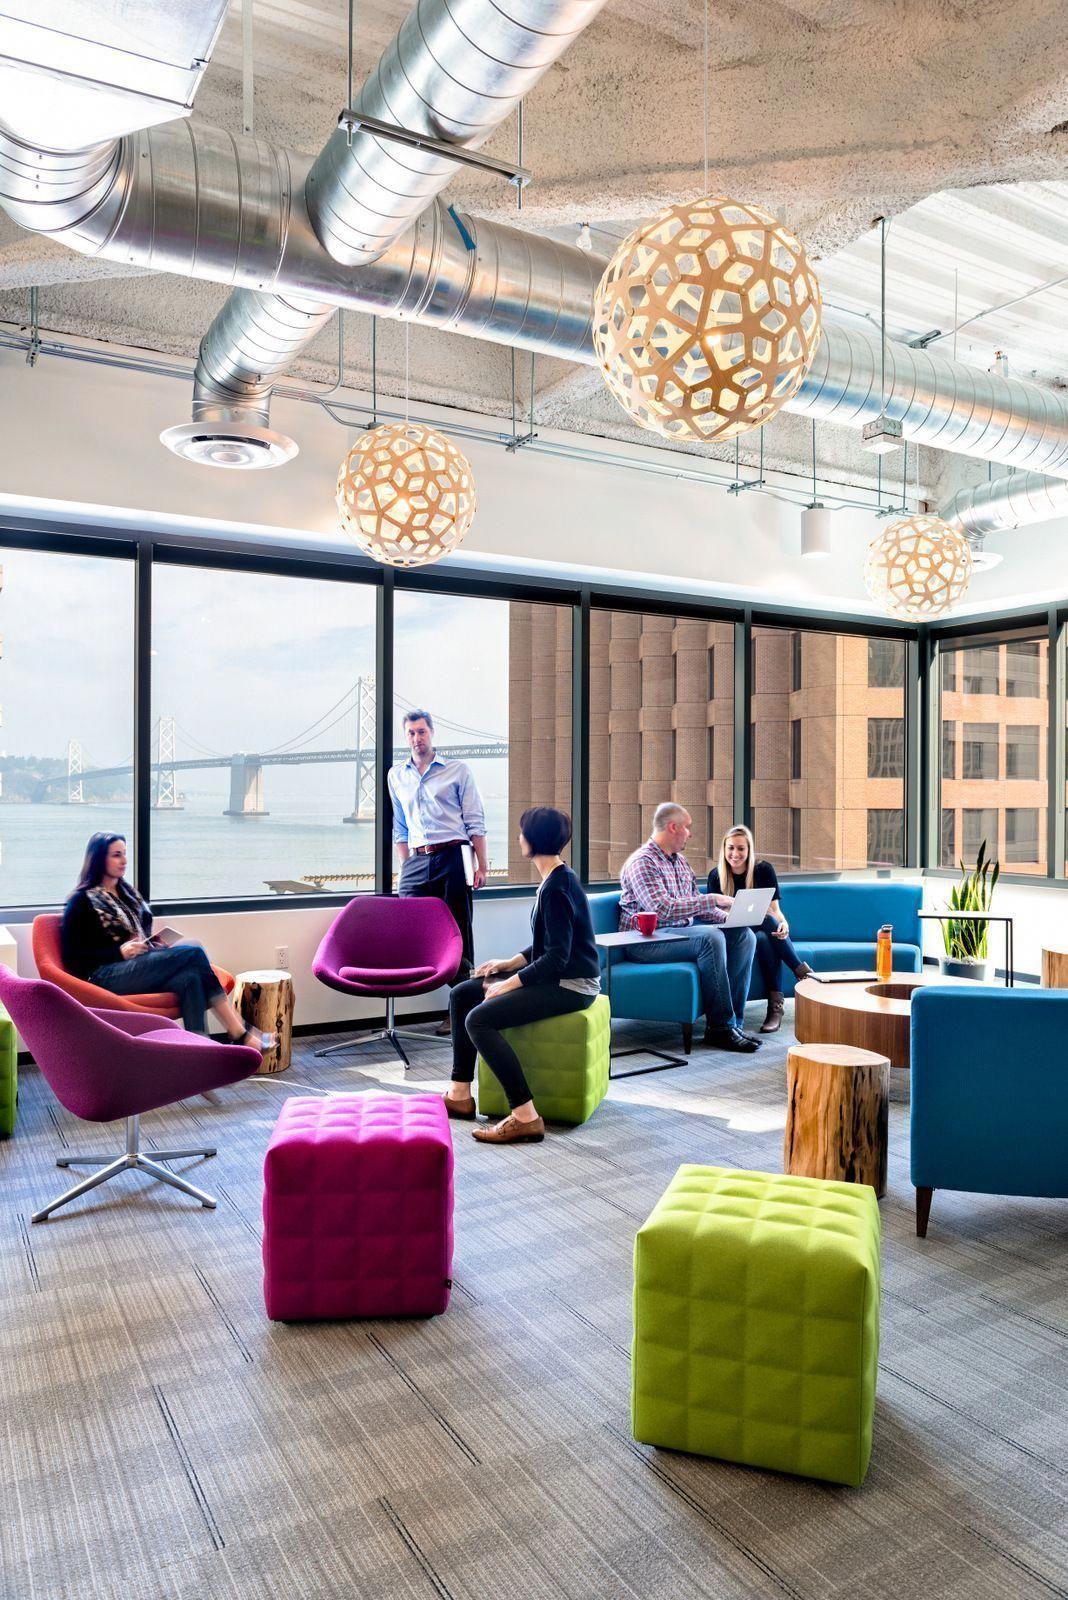 Top Furniture Brands Post 1299707269 Brands Corporateofficeinspirationworkspaces Furniture Post En 2020 Amenagement Bureau Deco Appartement Mobilier D Entreprise